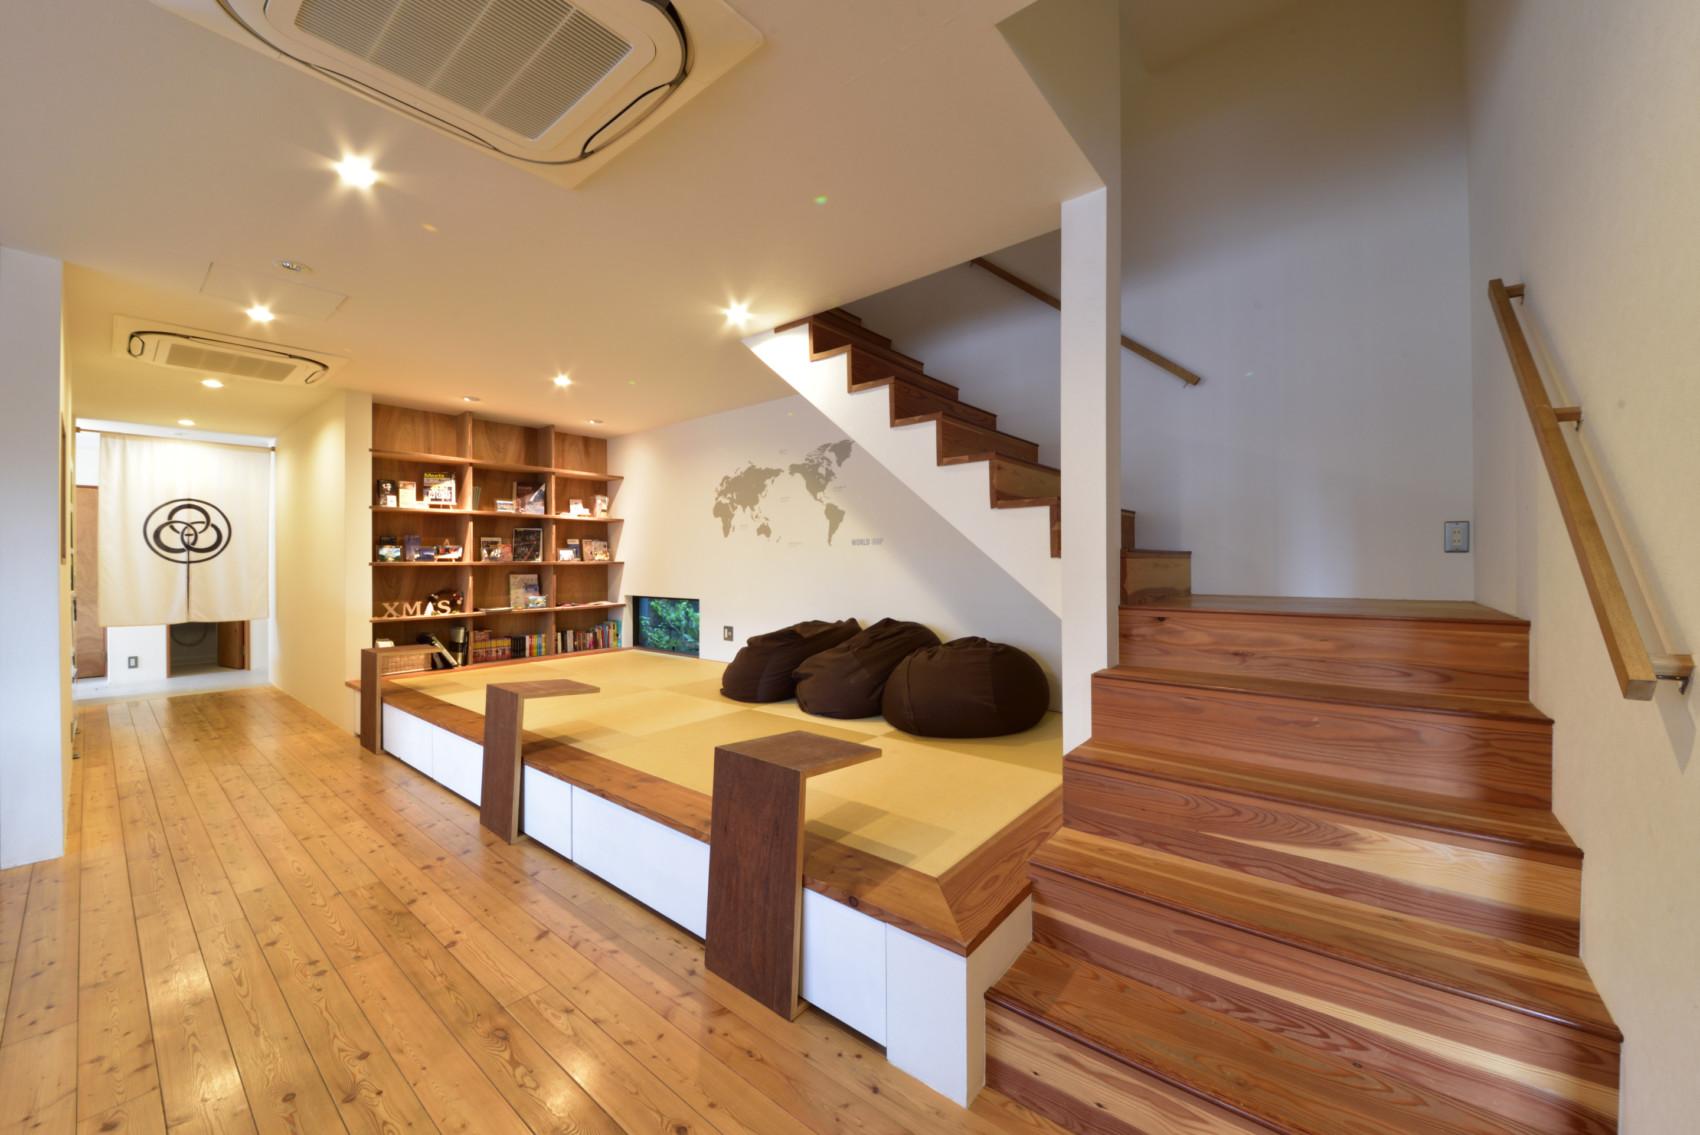 館内1階にございます畳スペースです - みつわ屋 共用スペースの室内の写真